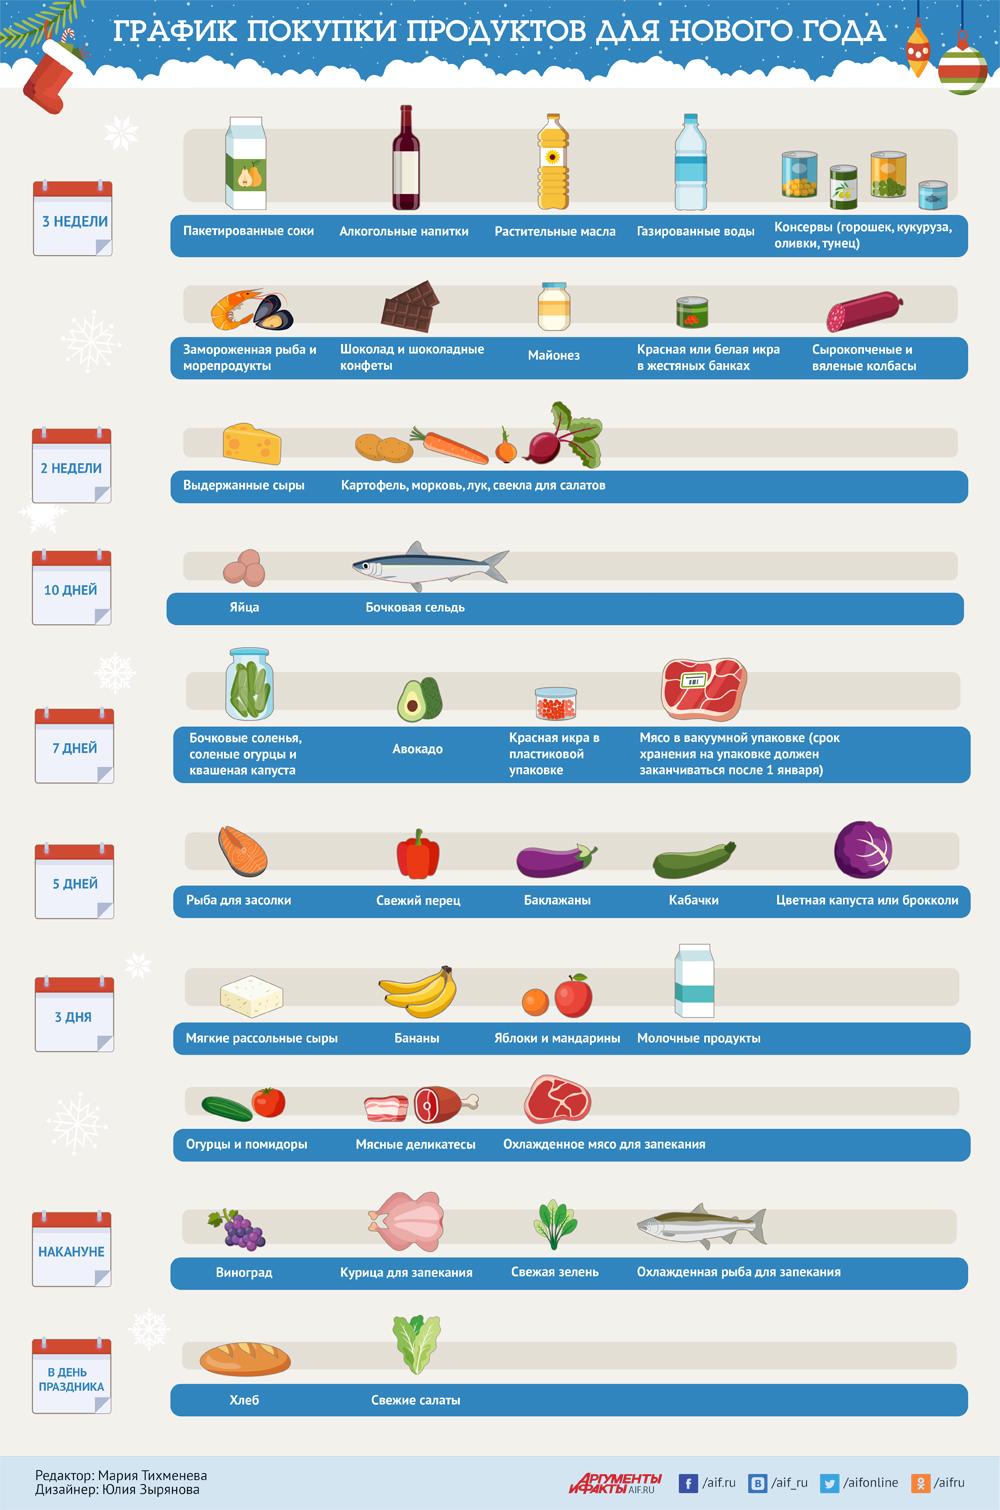 График покупок на Новый Год